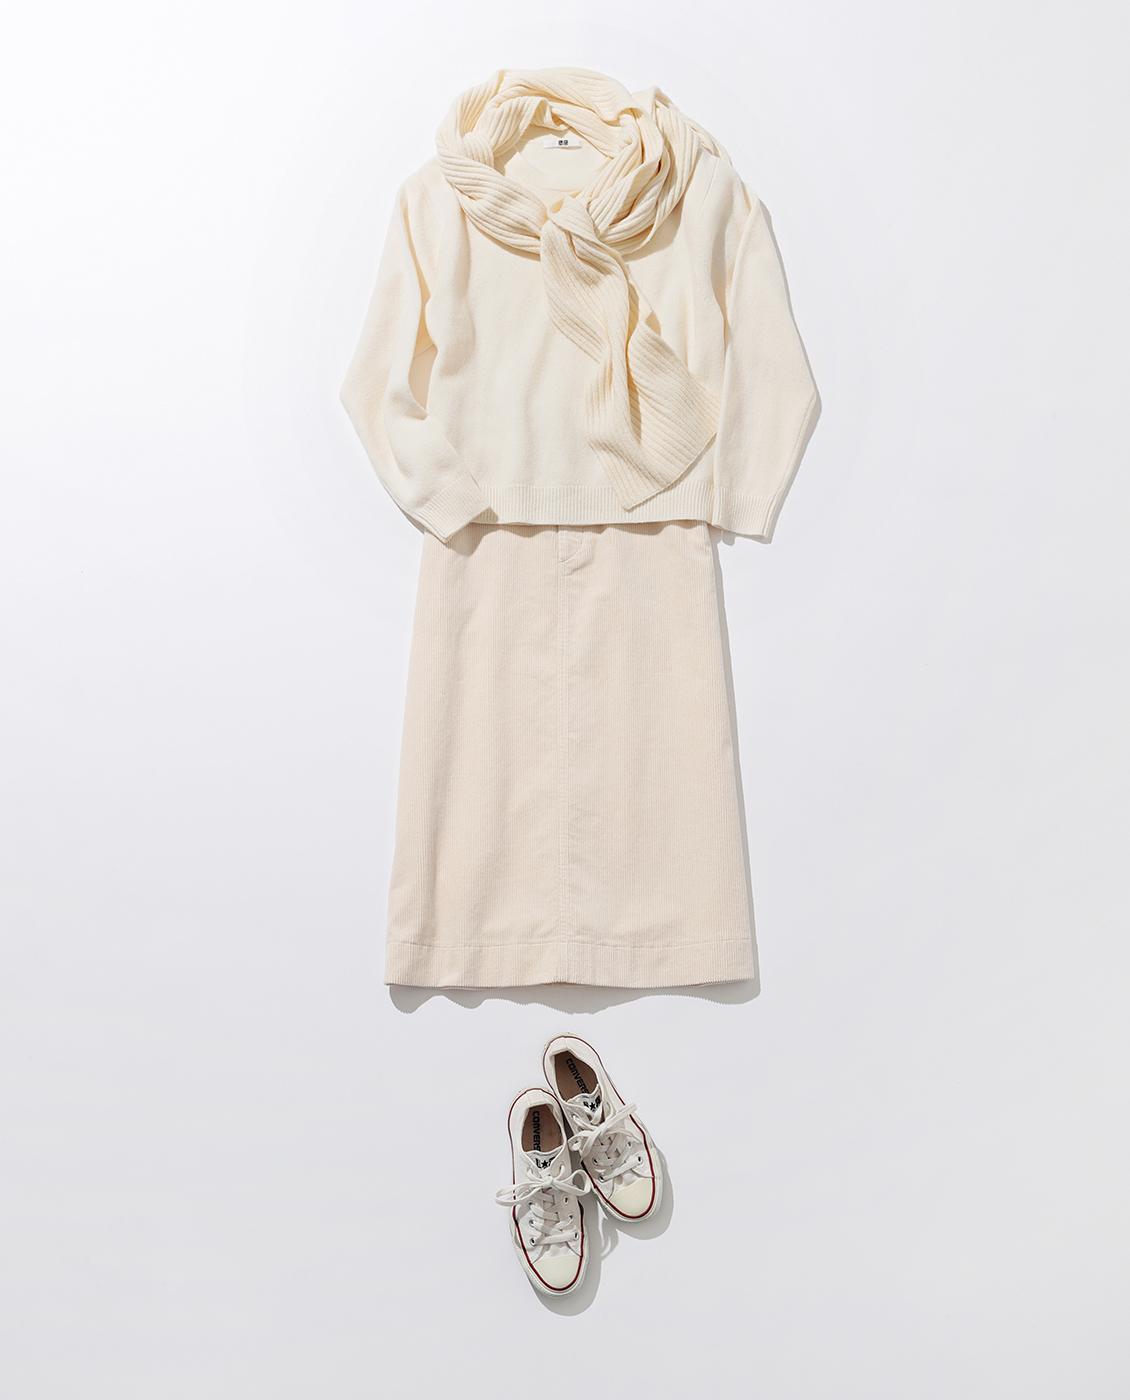 ウールのニットにコーデュロイのスカート。冬のホワイトコーデは素材で遊ぶ!